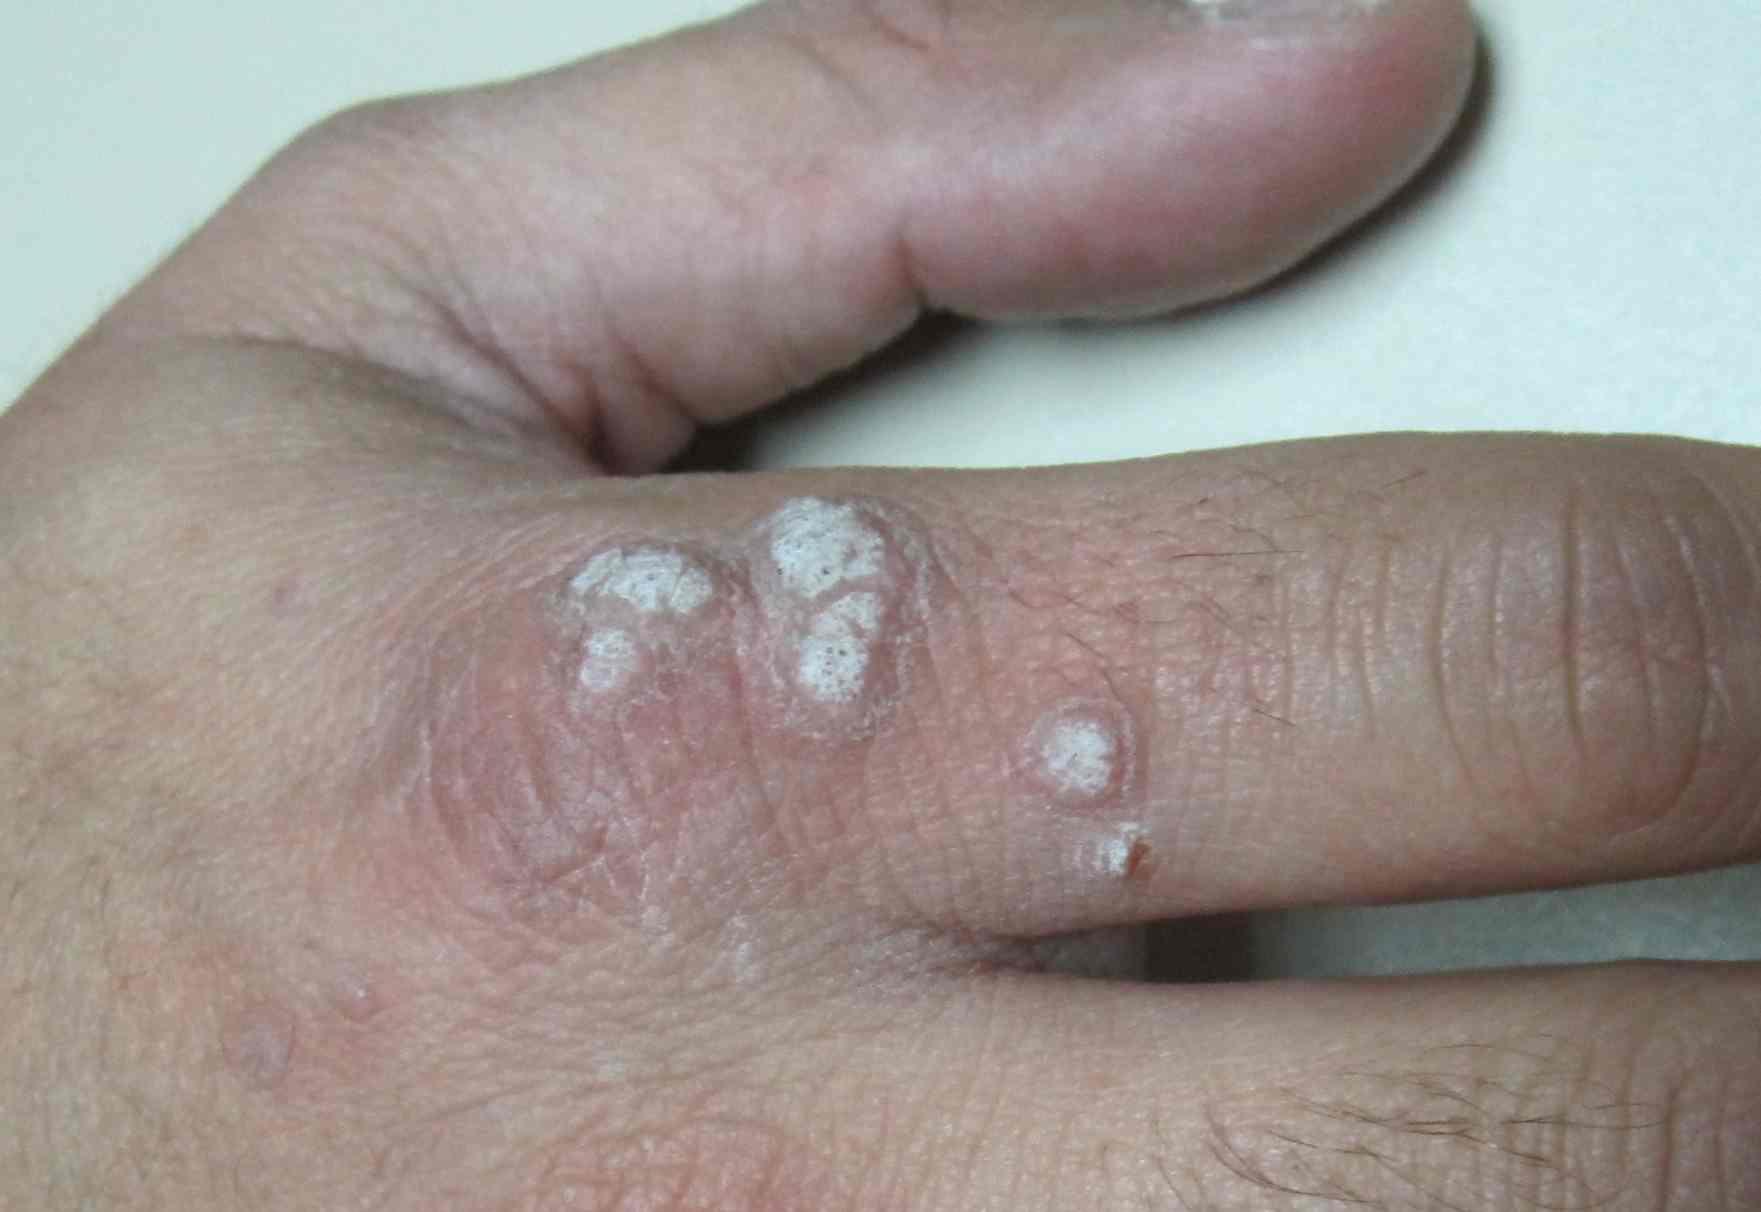 papiloma virus humano que pode causar papilomas condilomas ou carcinoma)